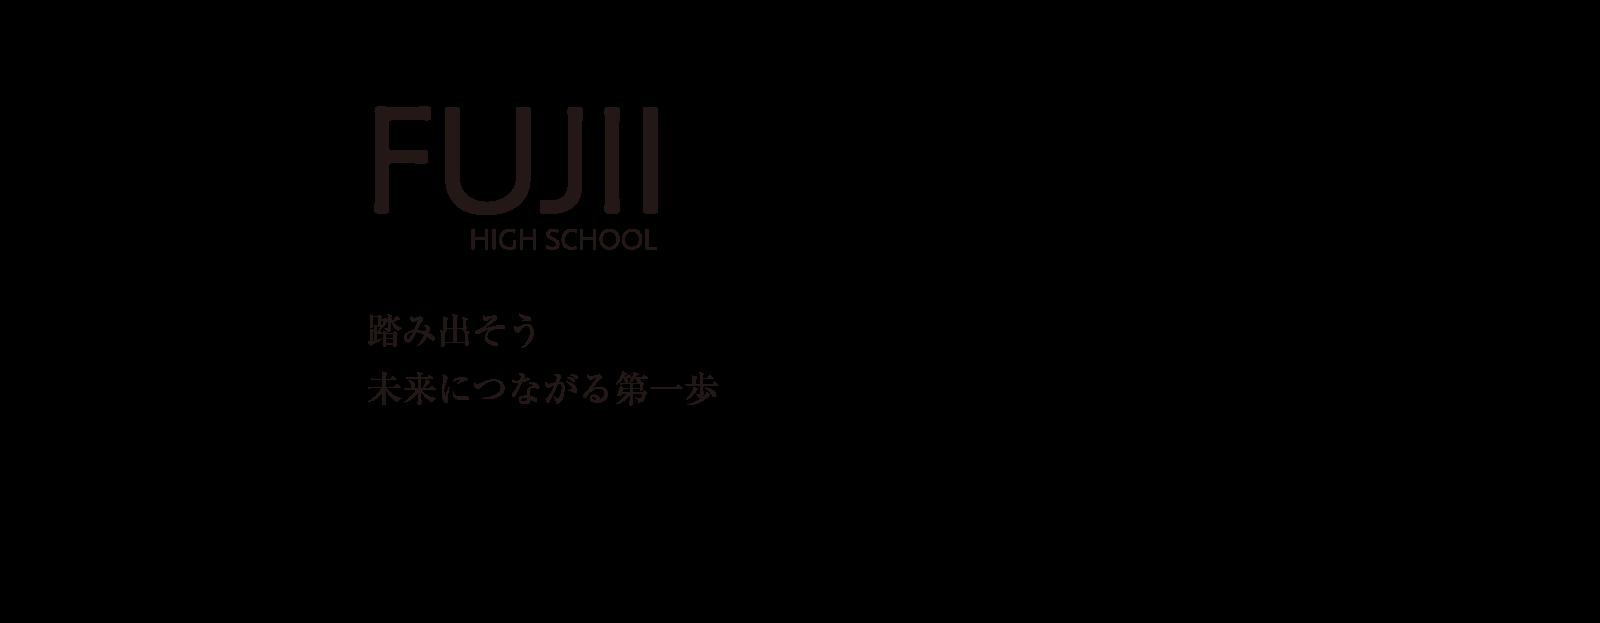 藤井高等学校   踏み出そう未来につながる第一歩